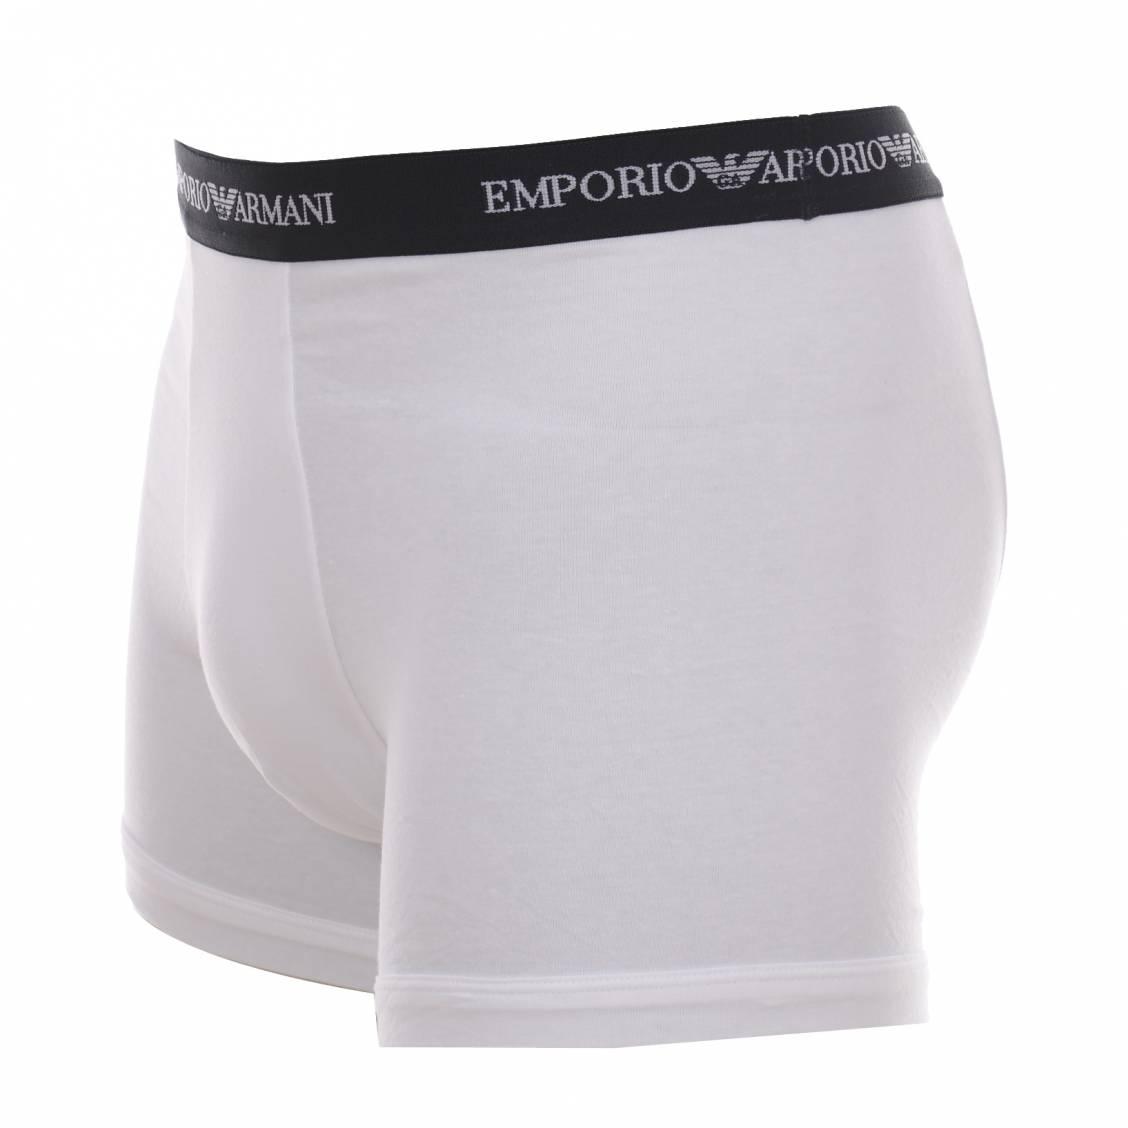 lot de 2 boxers emporio armani en coton stretch